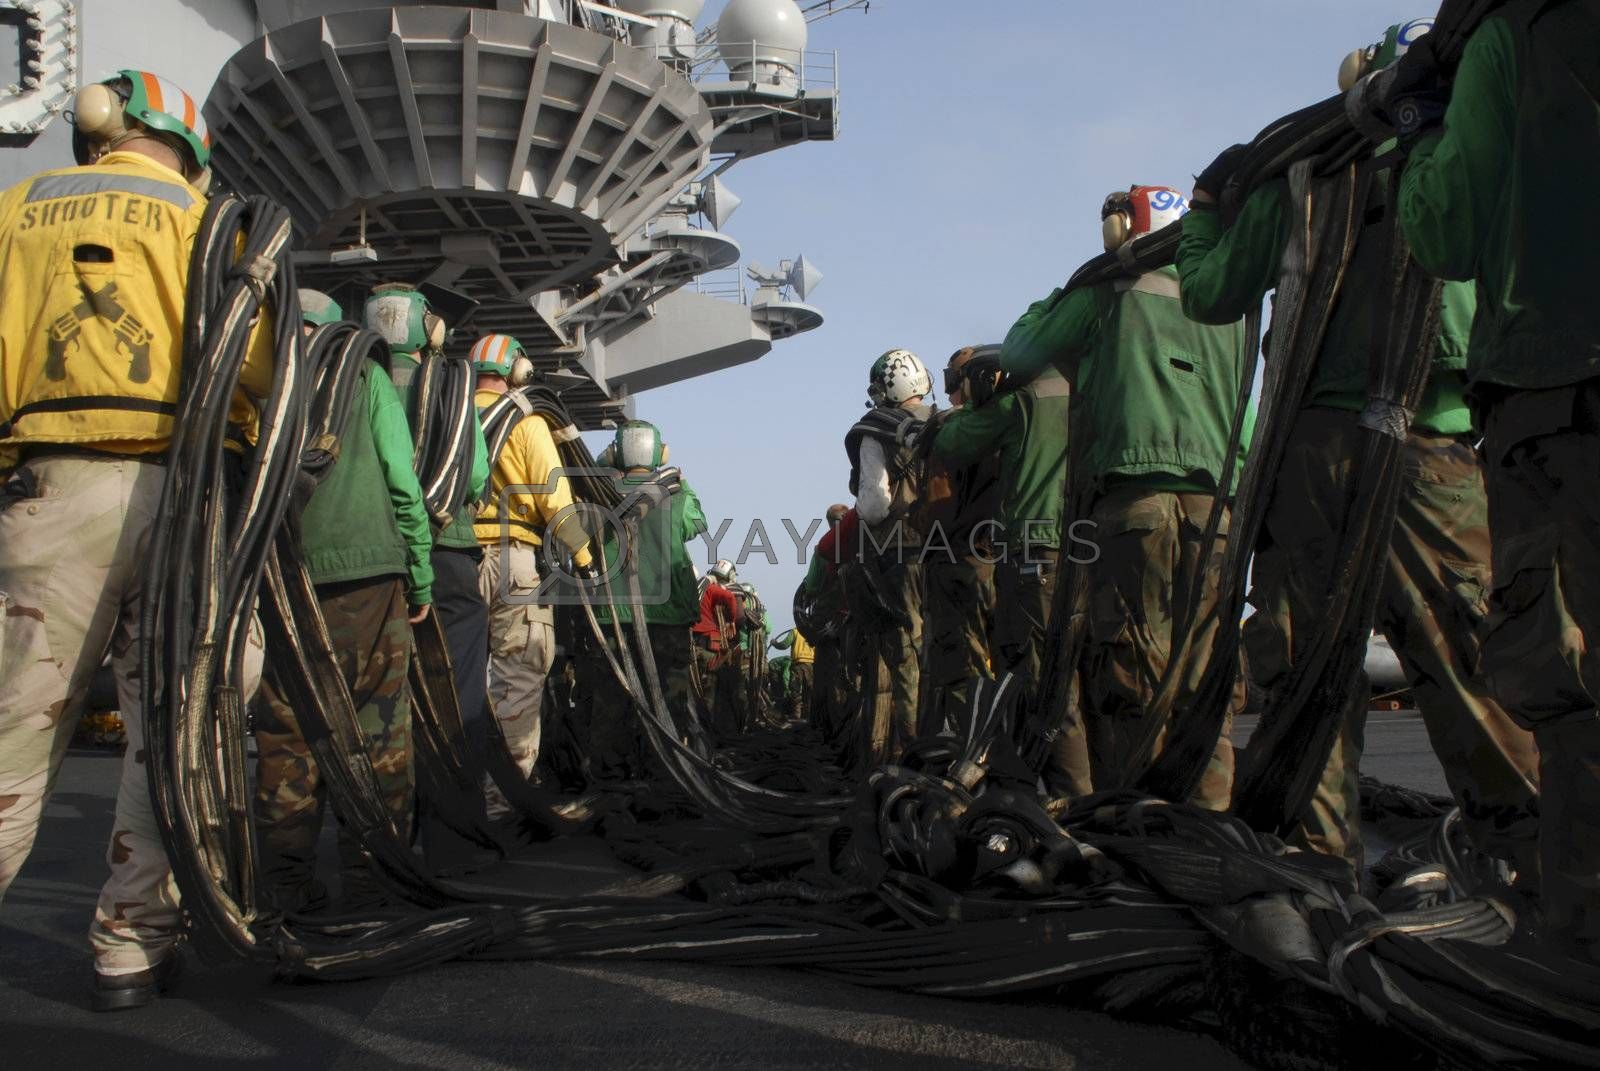 Sailors on board an aircraft carrier set up an emergency barricade